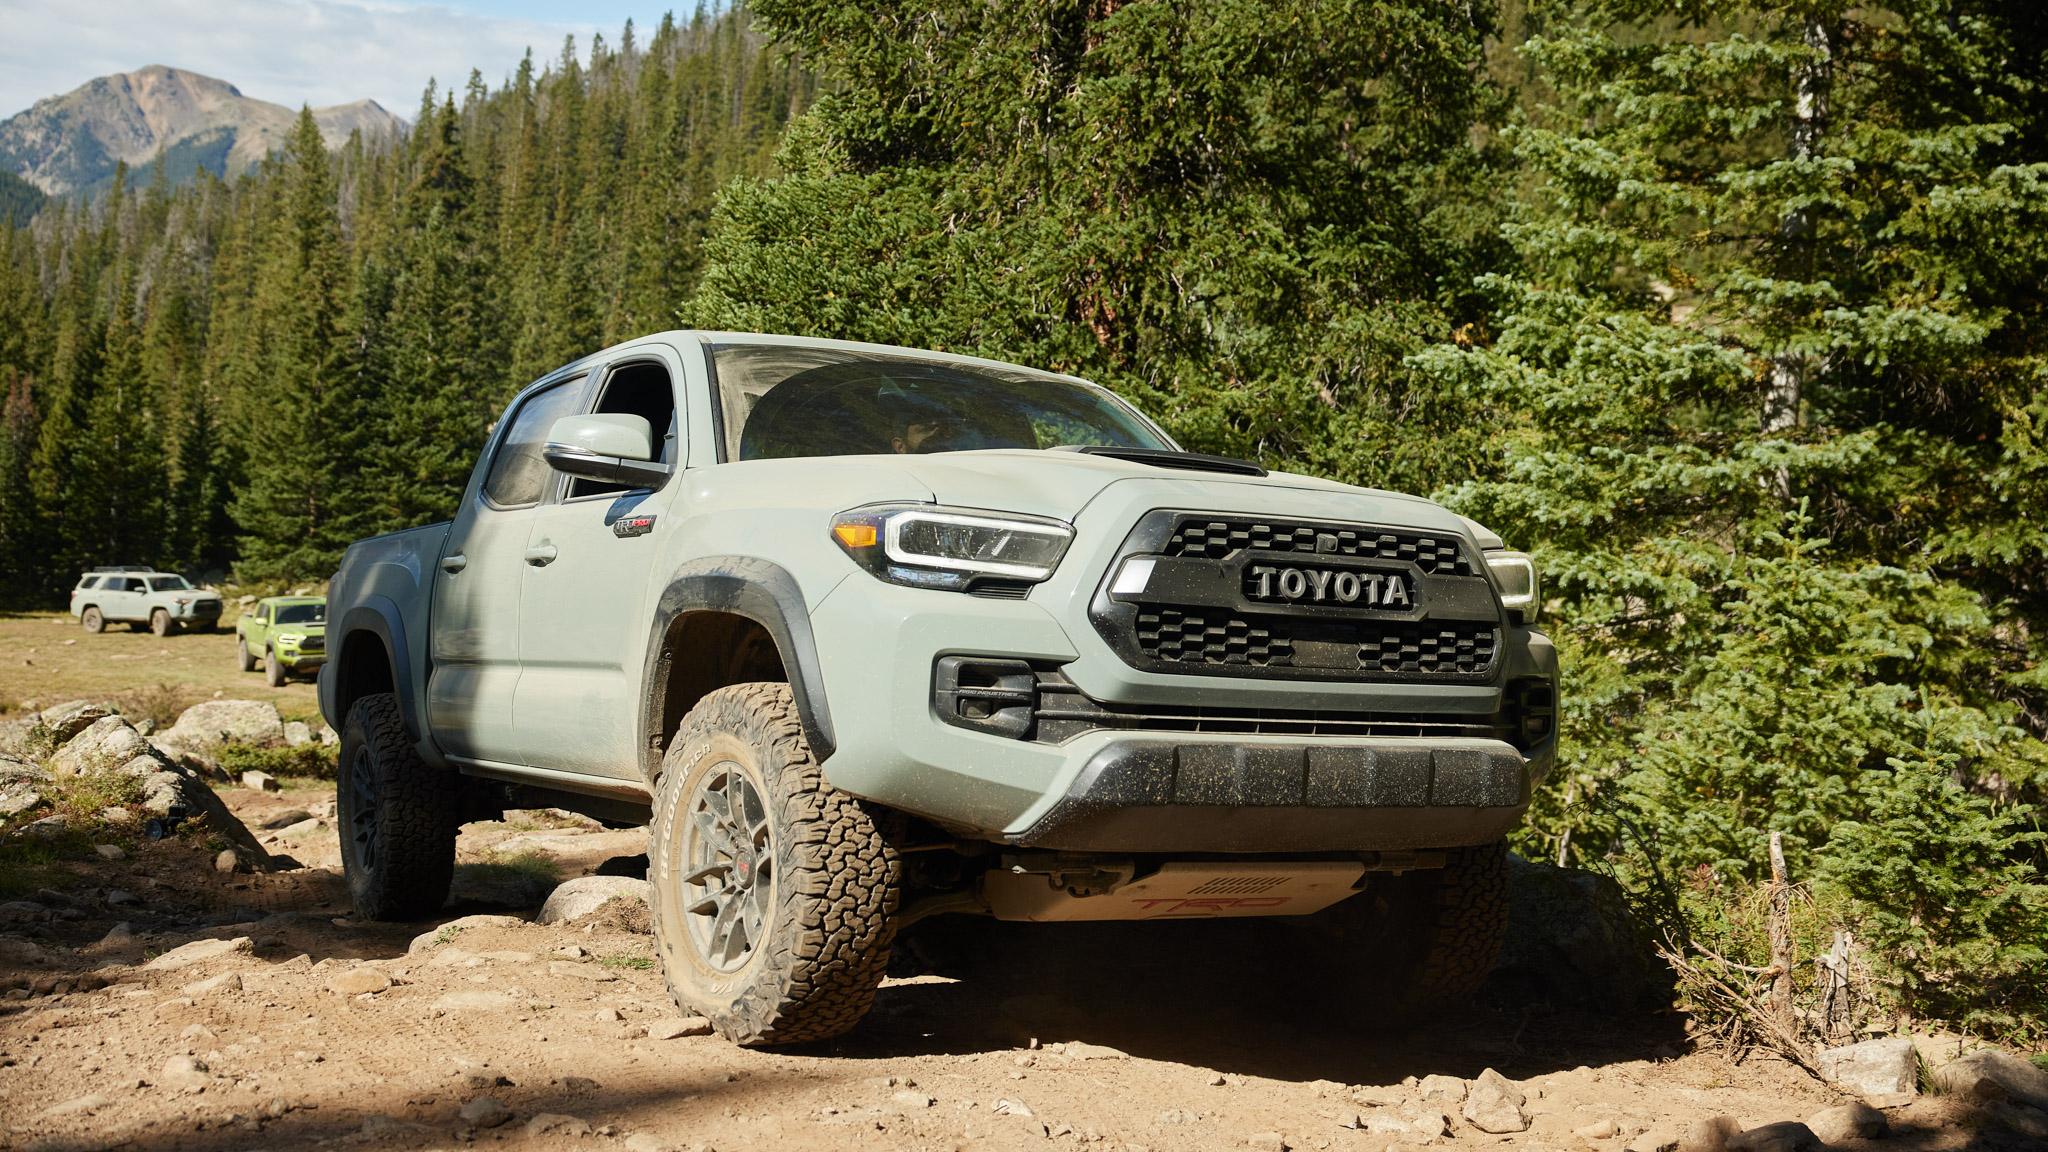 004-2022-toyota-tacoma-trail-edition